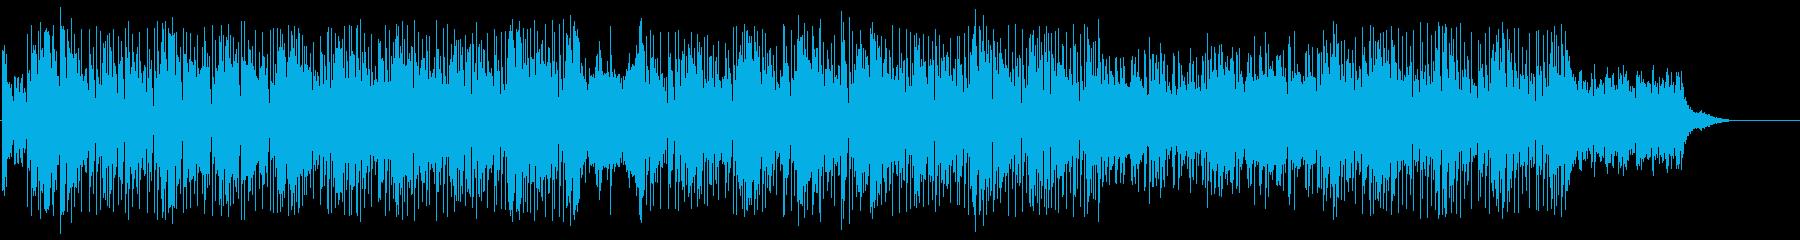 近未来のファンキーなマイナーテクノポップの再生済みの波形